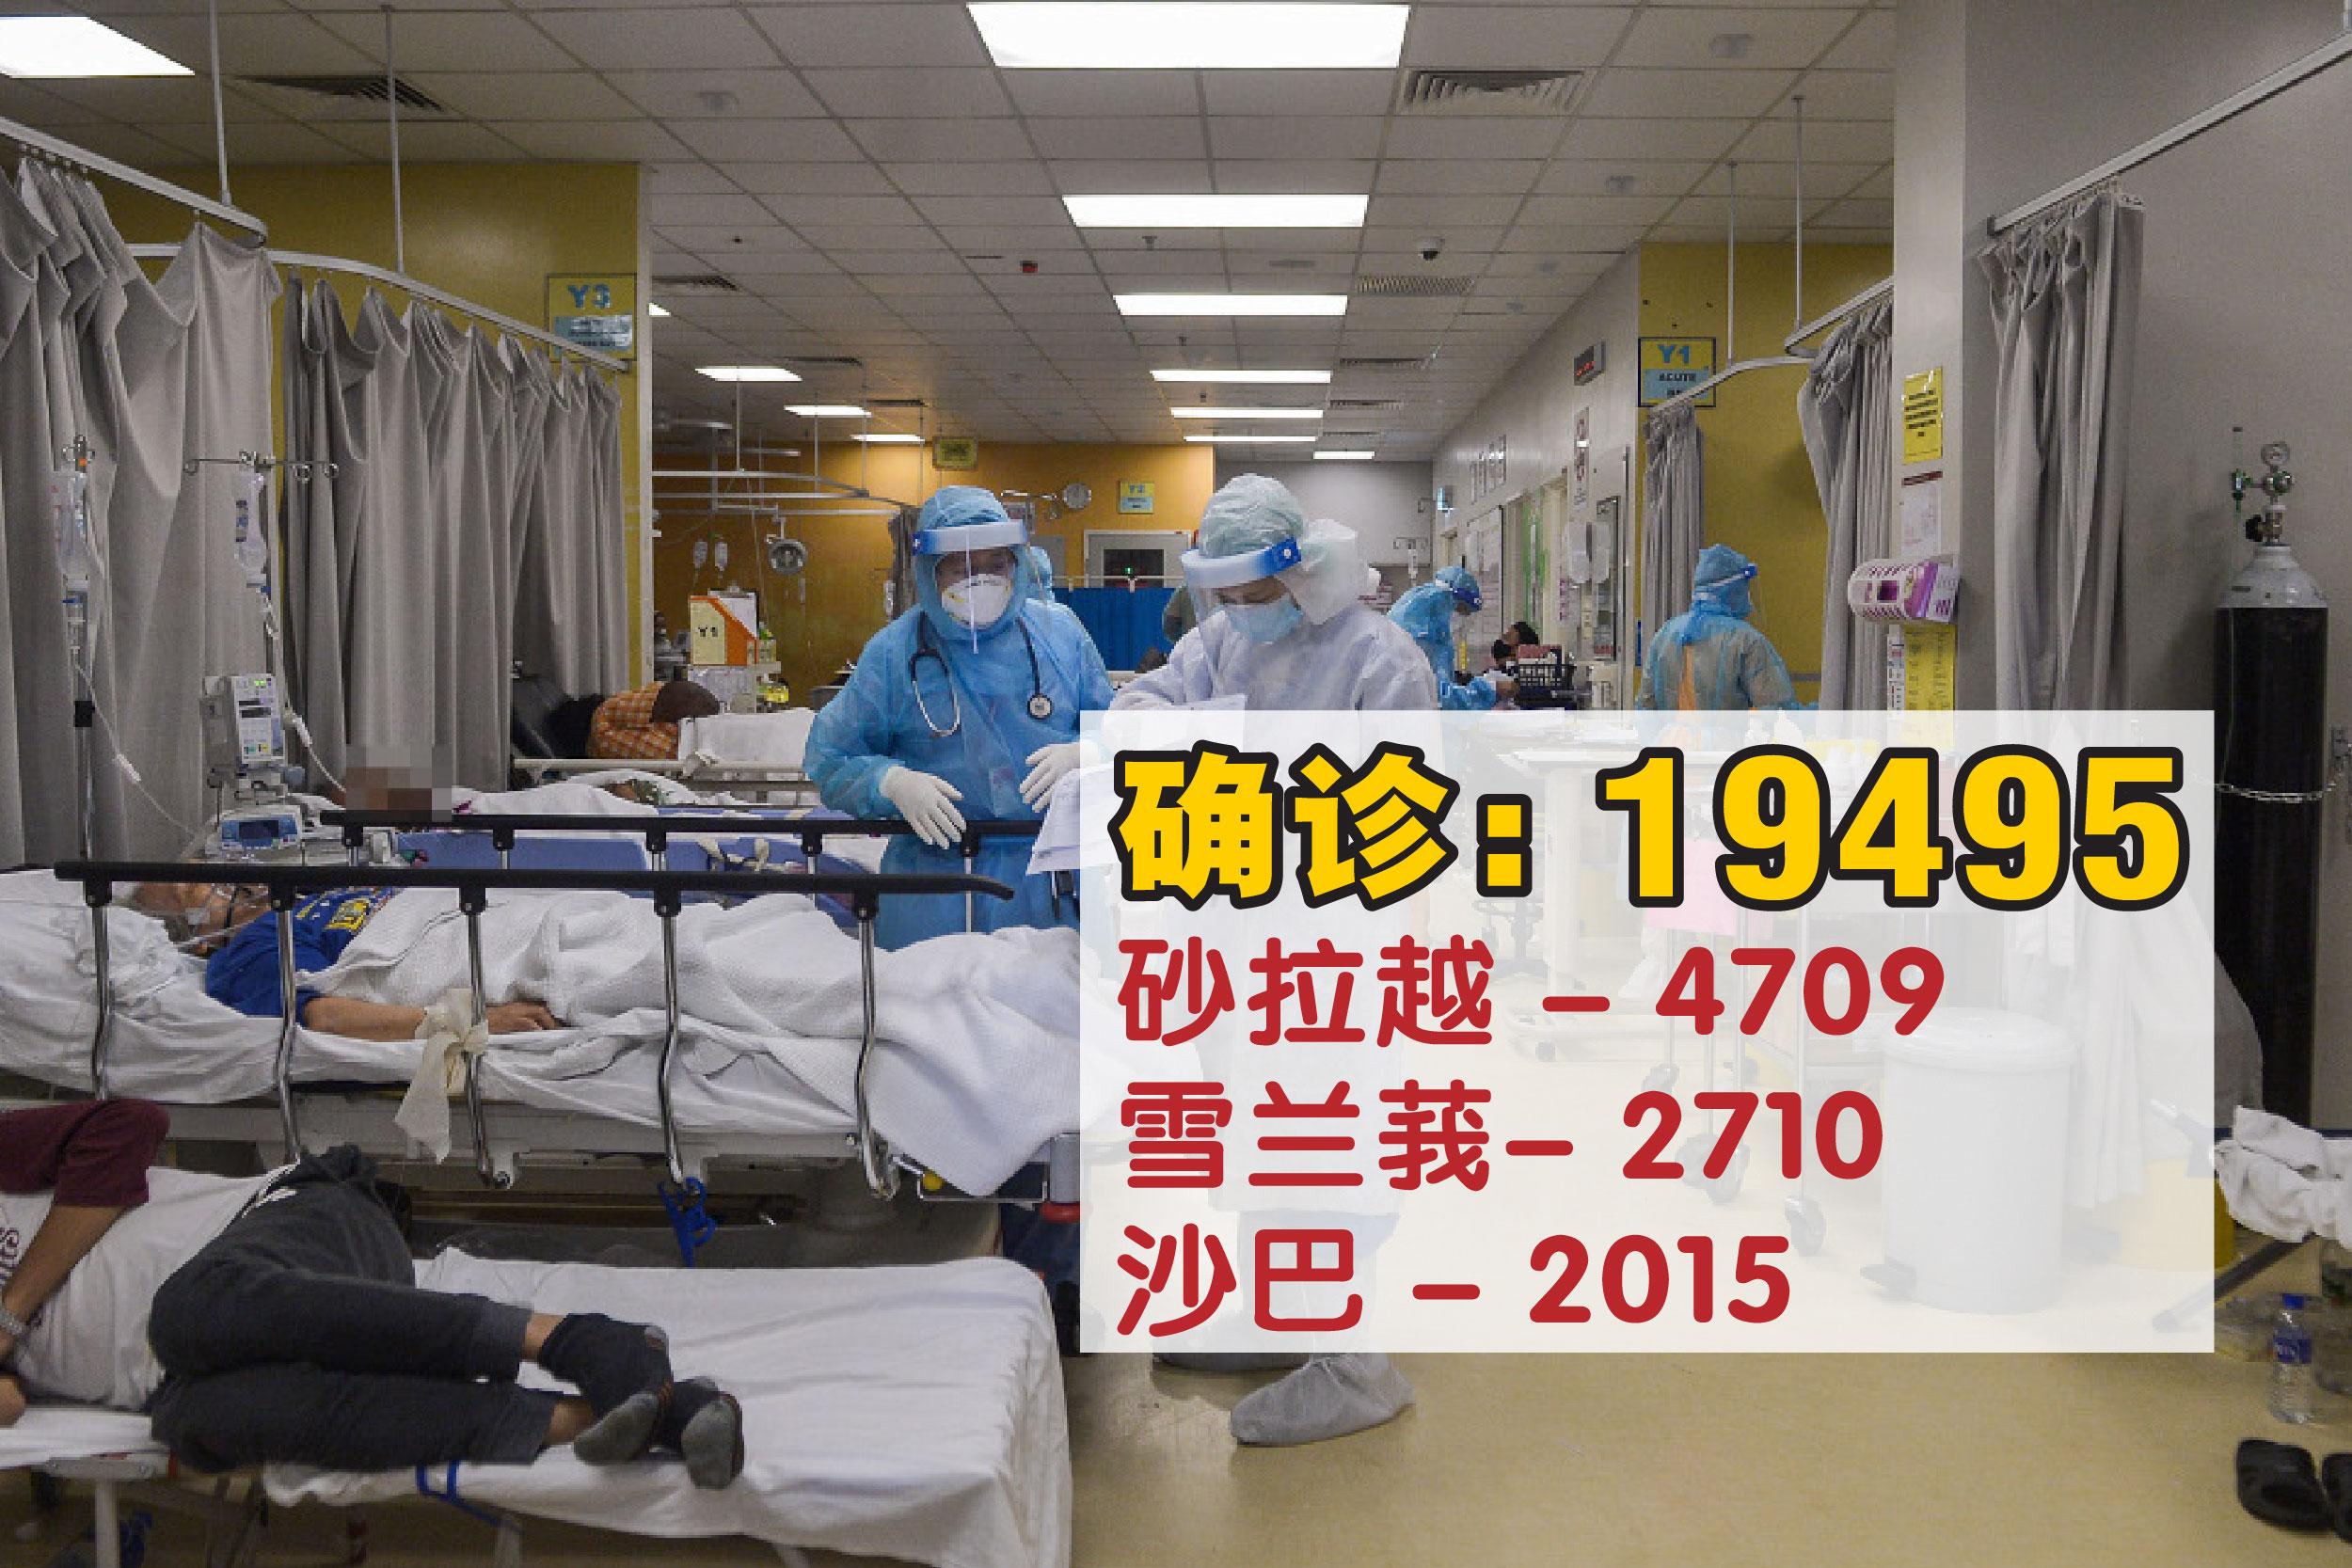 砂拉越周三录得4709宗确诊病例,再度居首。-精彩大马制图-